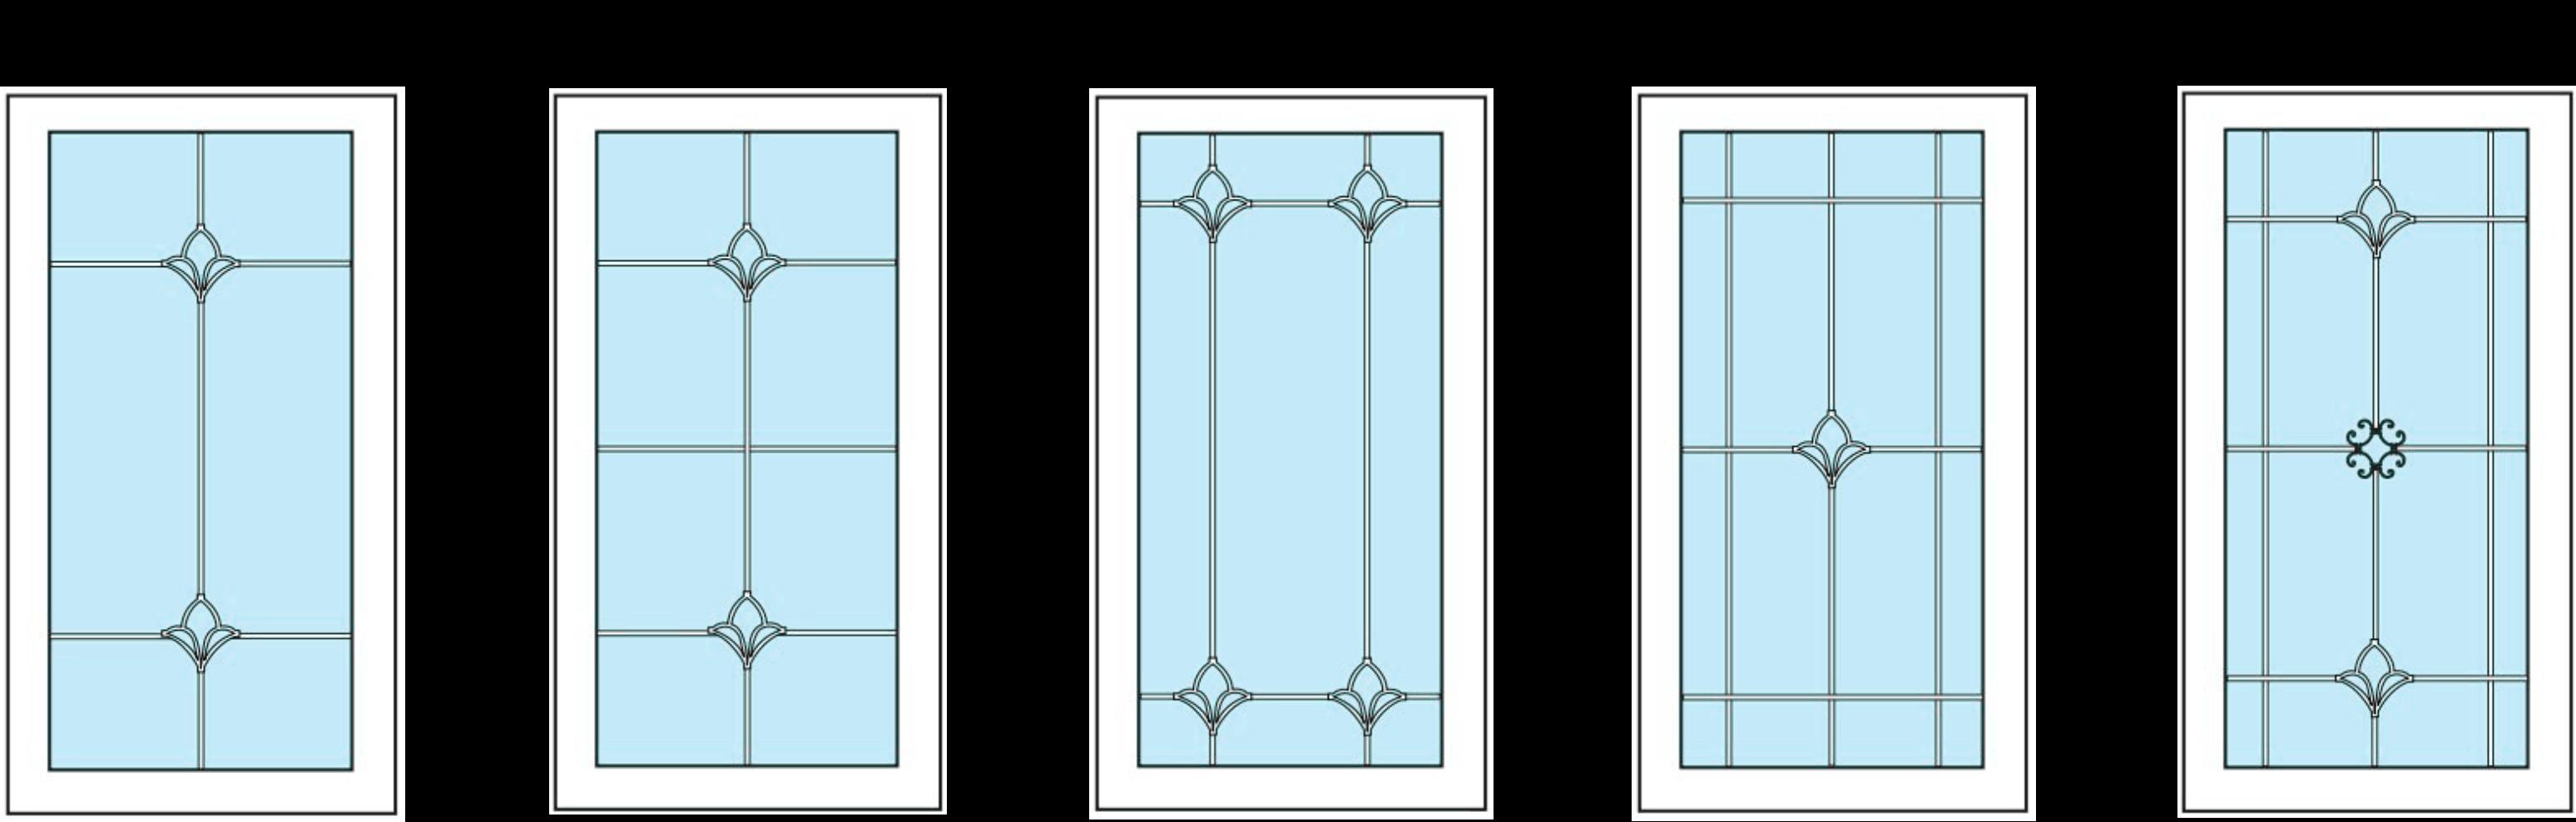 варианты оформления стеклопакетов Л001-Л005